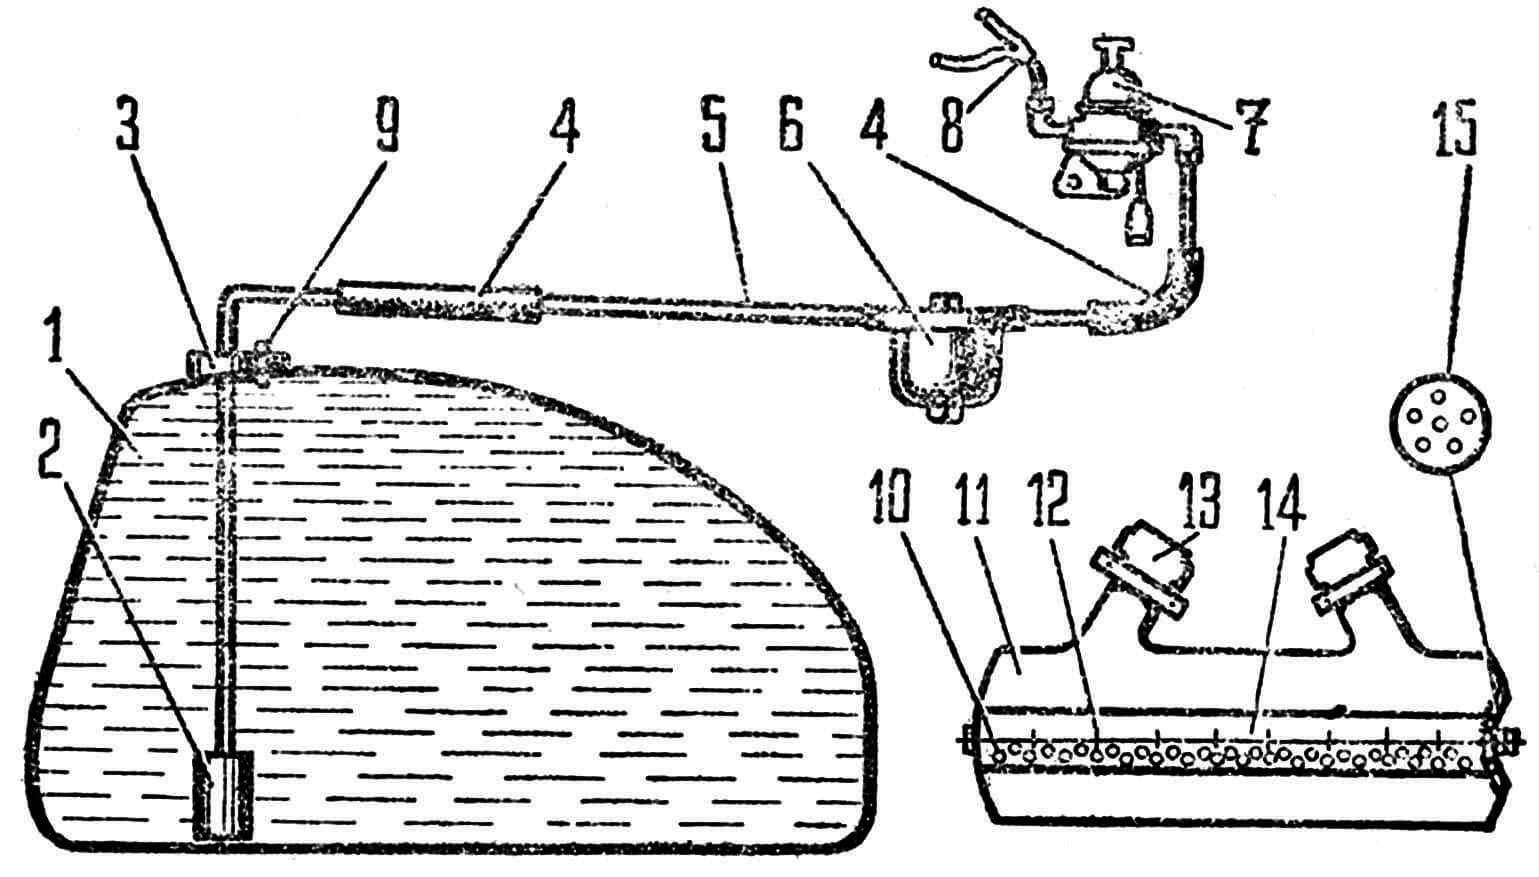 Рис. 6. Система питания: 1 — бензобак, 2 — бензоприемник, 3 — заливная горловина, 4 — резиновые шланги, 5 — бензопровод, б — щелевой фильтр-отстойник, 7 — бензонасос, 8 — двойник, 9 — дренажное отверстие, 10 — внутренняя труба глушителя, 11 — глушитель, 12 — болт М6 с шайбами, 13 — гайки крепления, 14 — отверстия ᴓ 2 мм, 15 — конфигурация выходных отверстий.